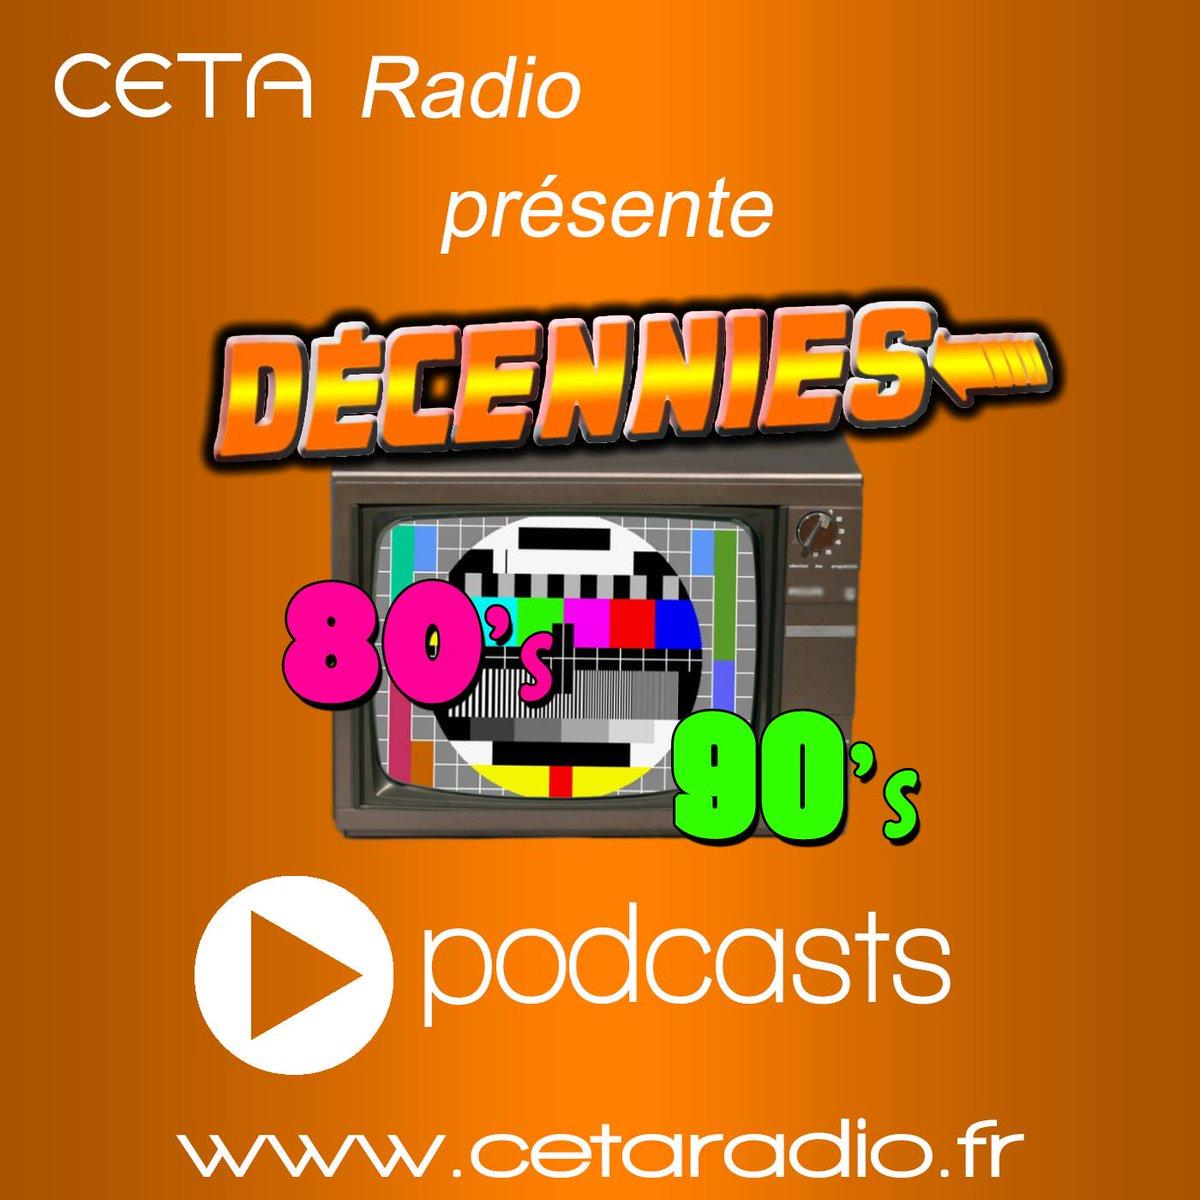 Décennies #80&#39;s #90&#39;s  #émission en #podcasts  http://www. cetaradio.fr/decennies-80-9 0-s/podcasts &nbsp; …  … …       #souvenirs #pop #rock #webradio bonne écoute !<br>http://pic.twitter.com/9H7fGhIwnV